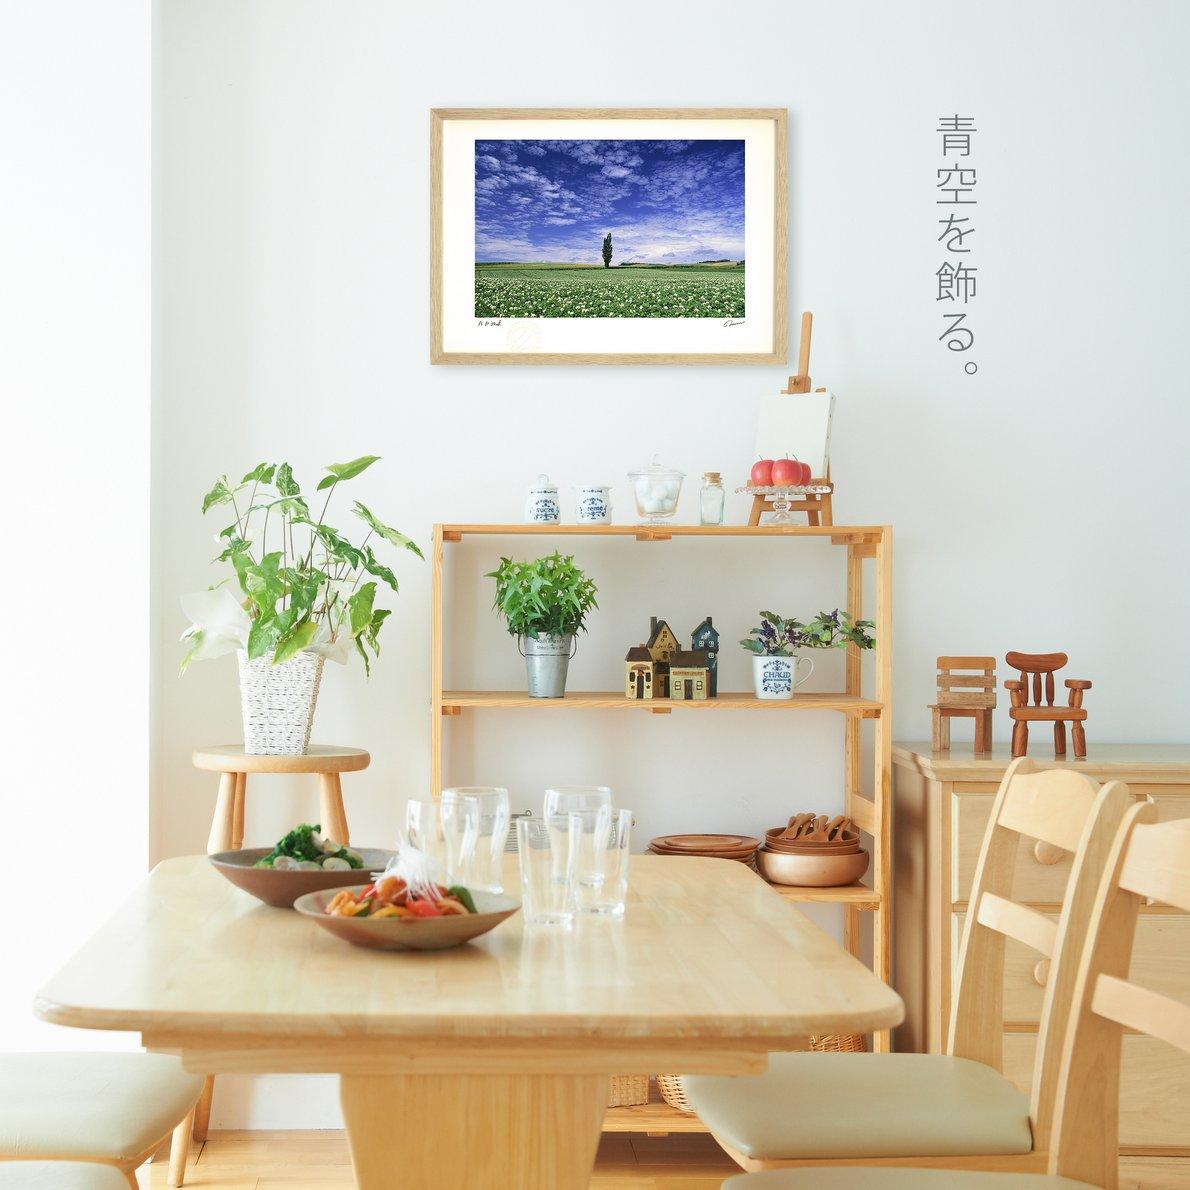 《アートフォト》タヒチ ボラボラ島 コバルトブルーとエメラルドグリーンの海(レンタル対象)